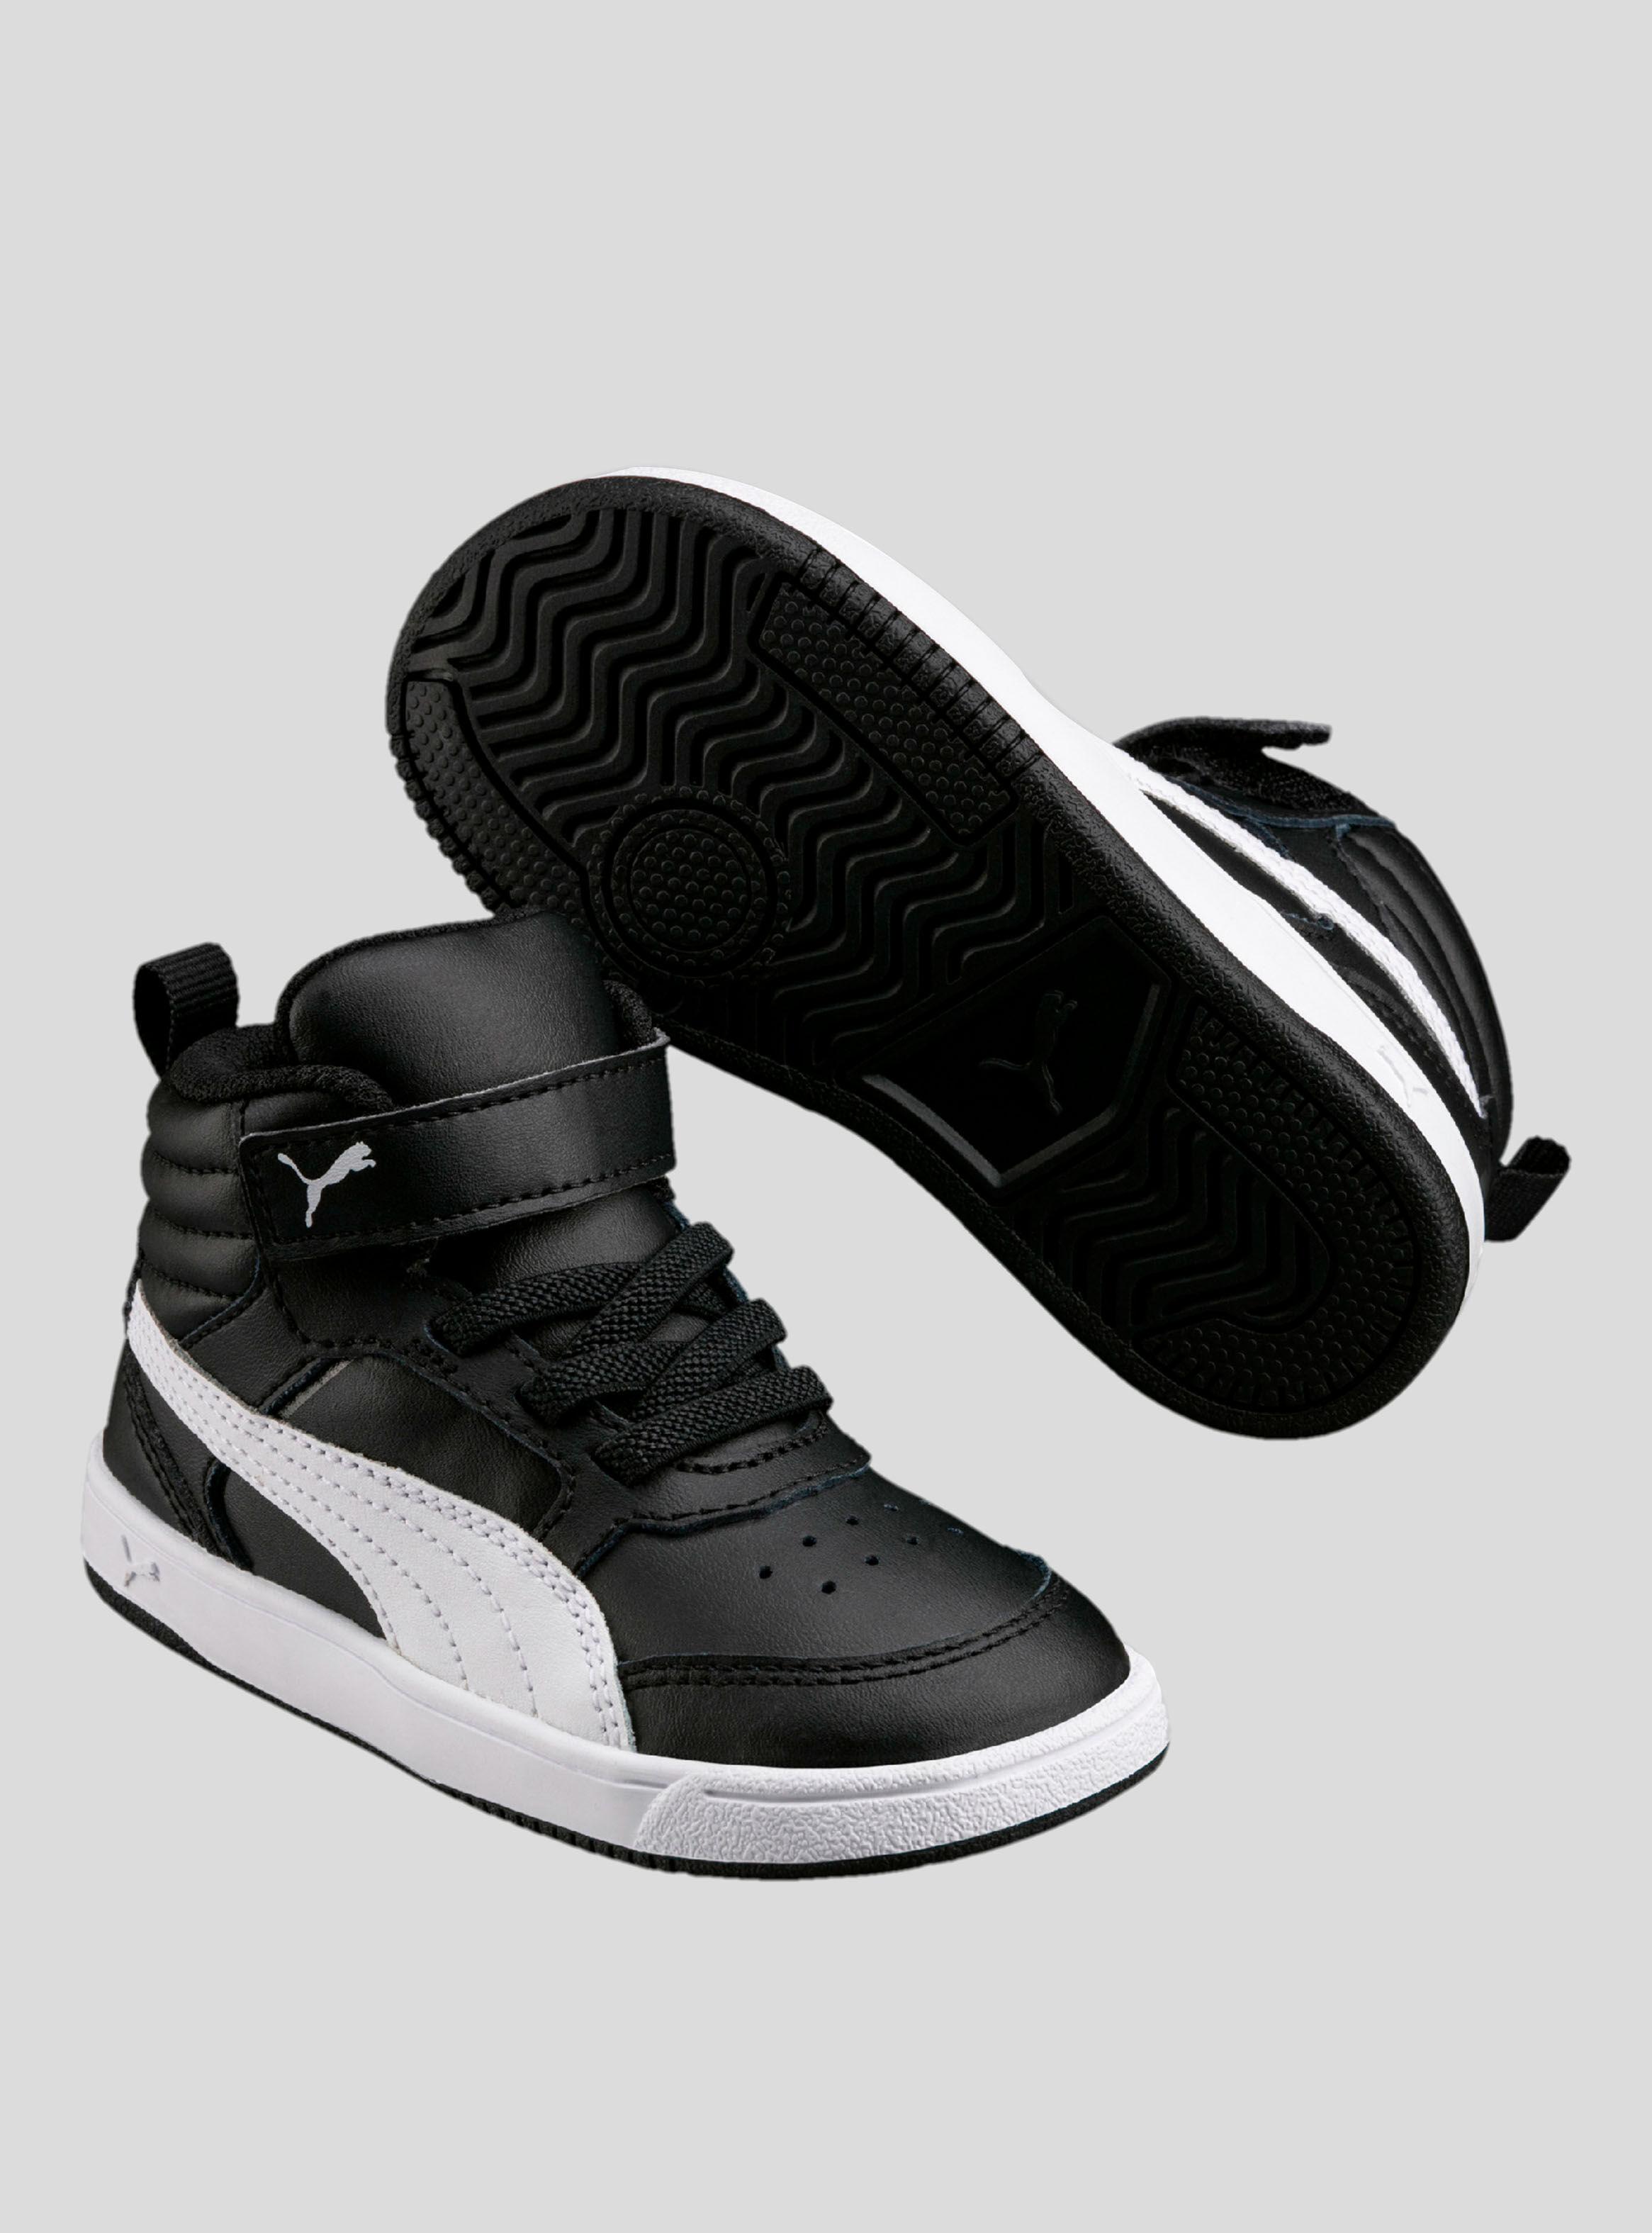 PiesParis Para Calidad Comodidad Zapatos Niños Y Sus cl Kl1JcF